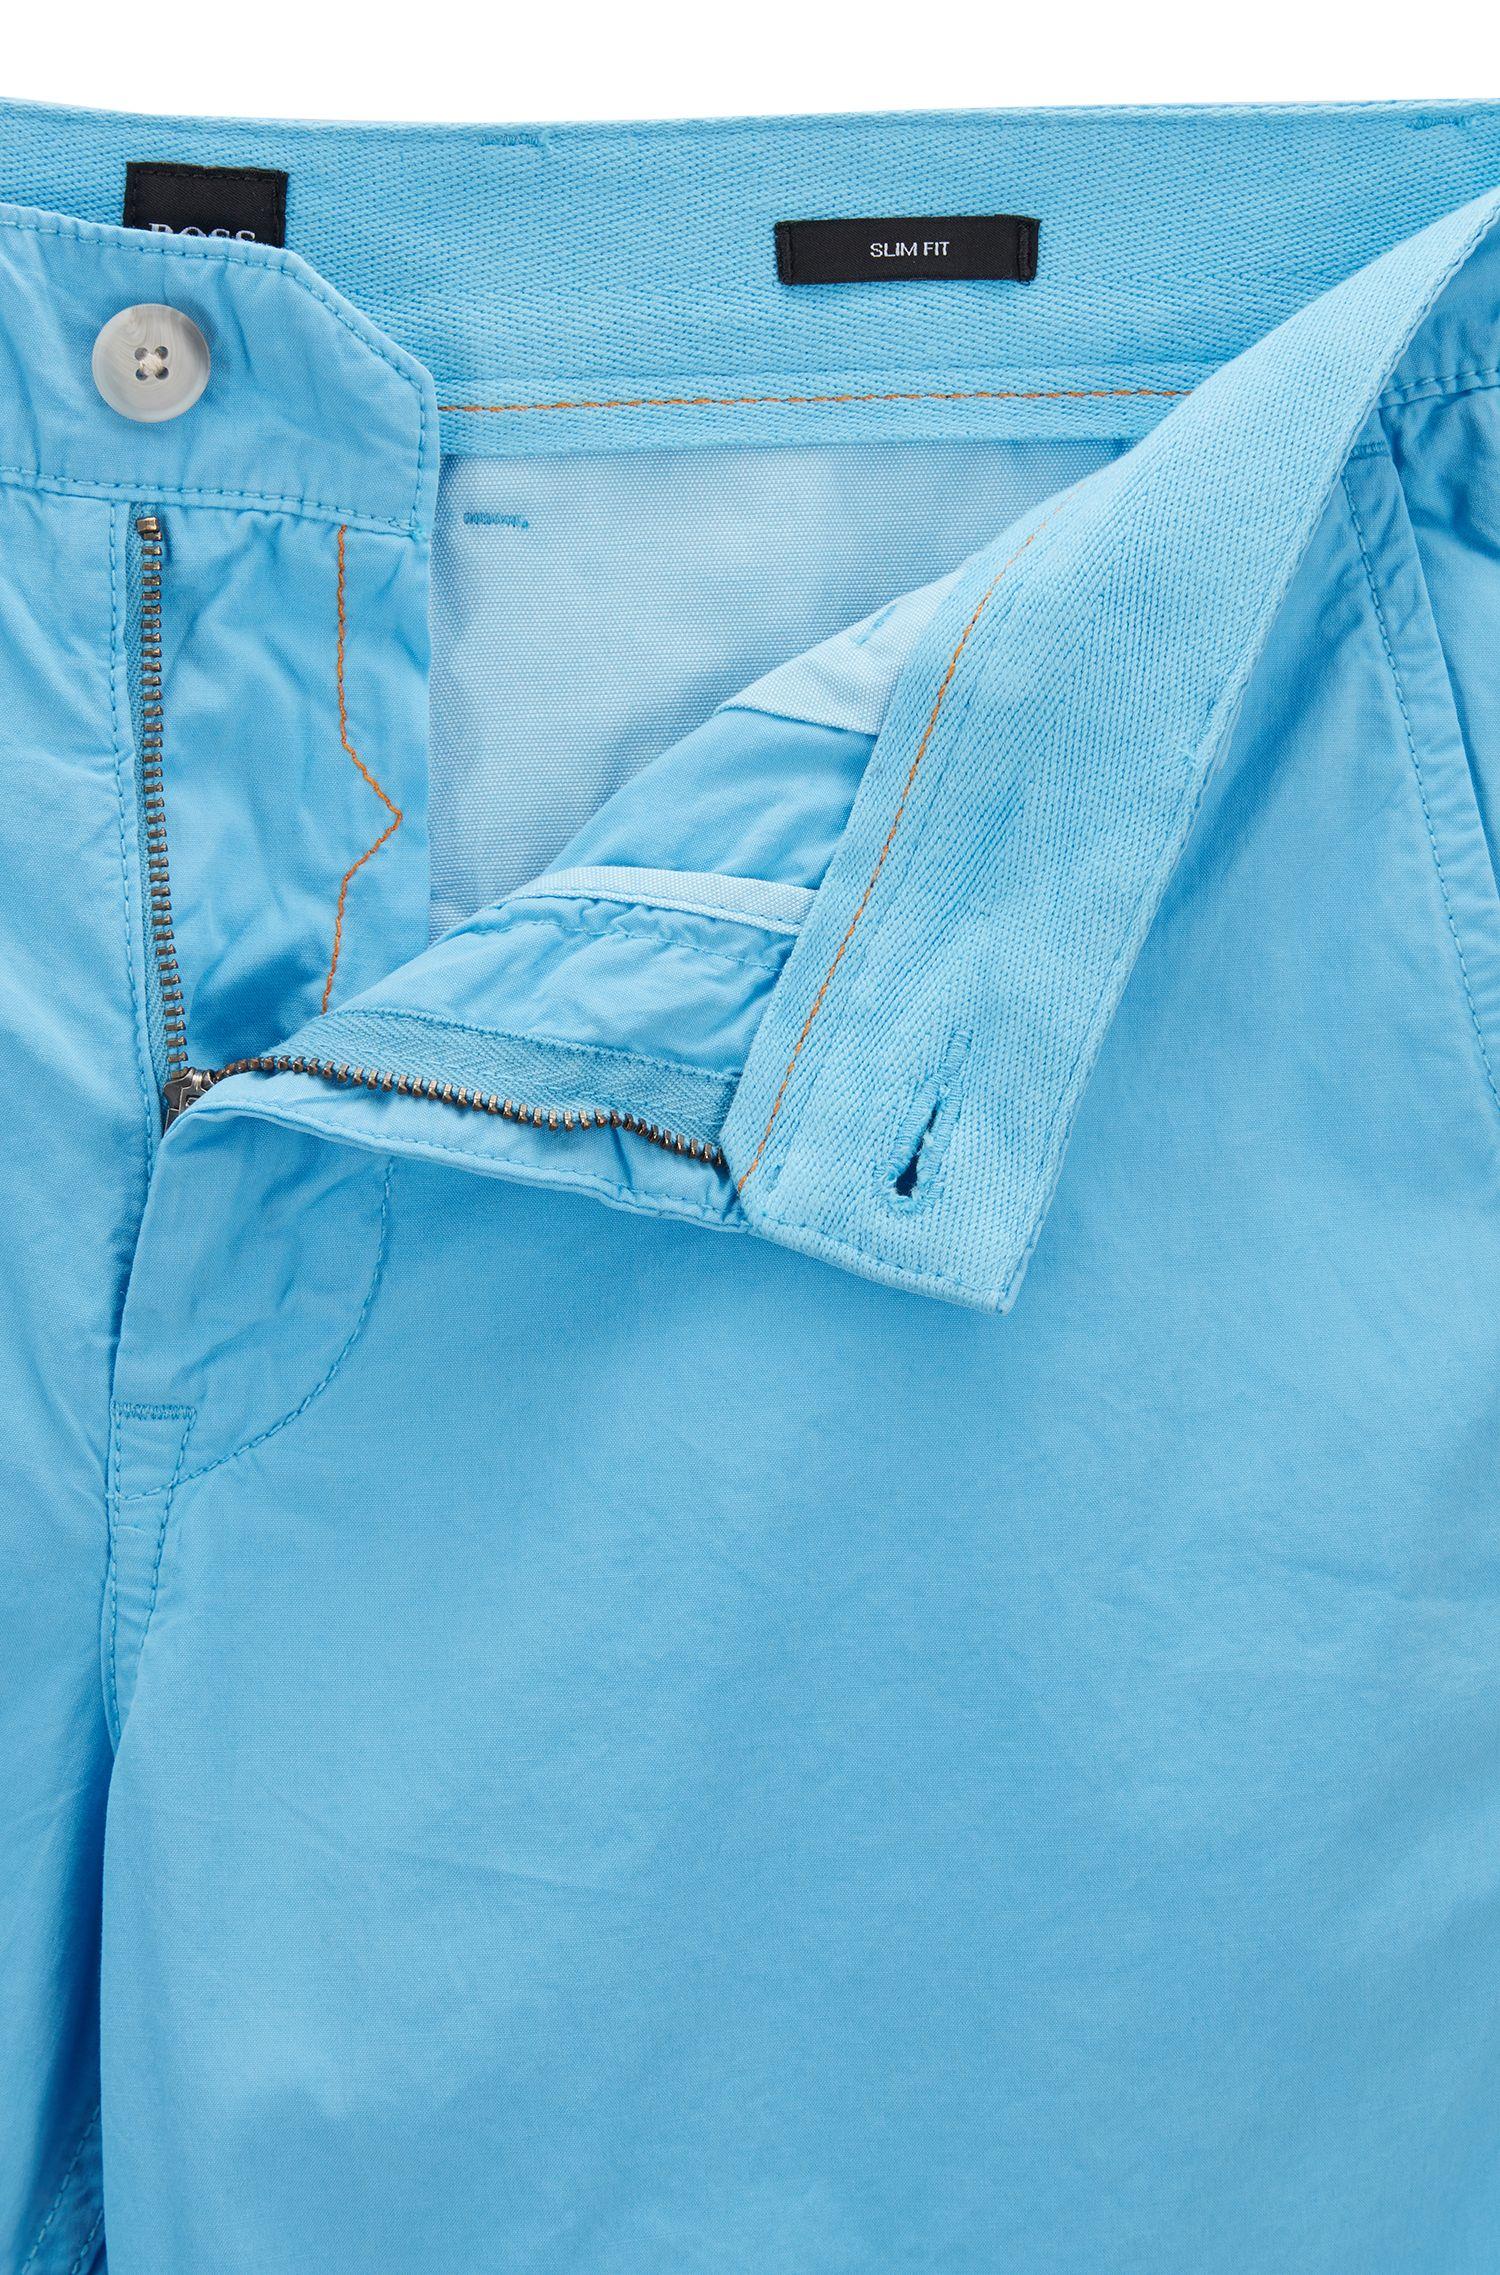 Slim-Fit Shorts aus überfärbter Baumwoll-Popeline, Hellblau